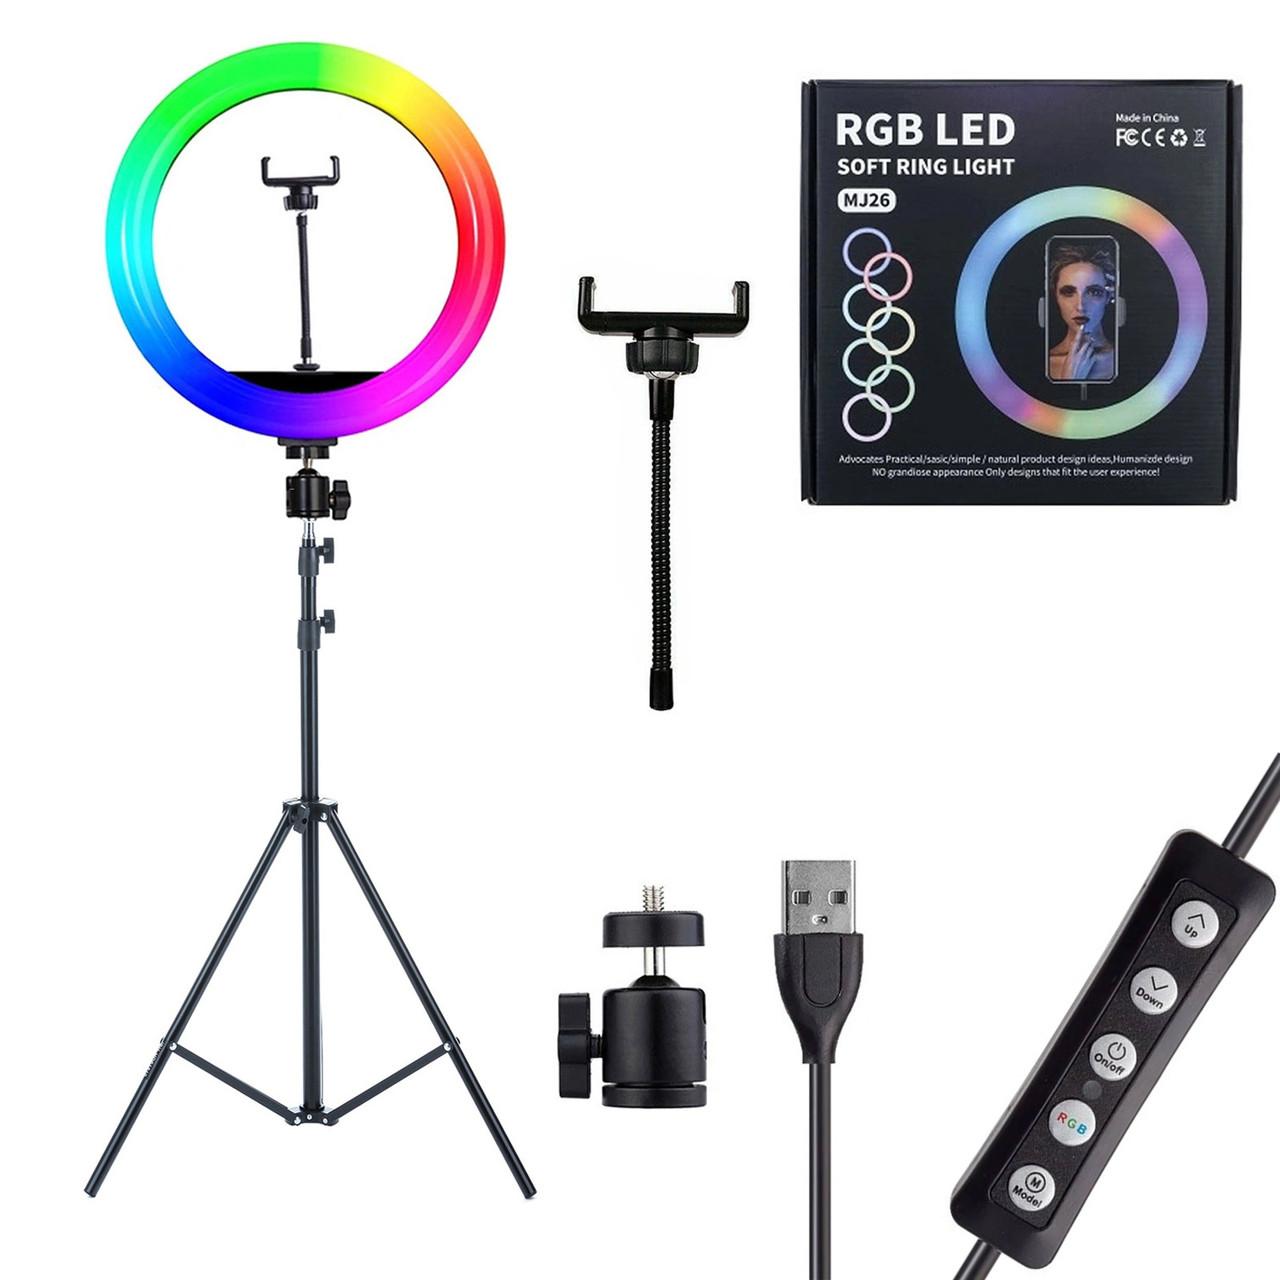 Цветная кольцевая лампа MJ26 RGB LED SOFT RING LIGHT 26 см